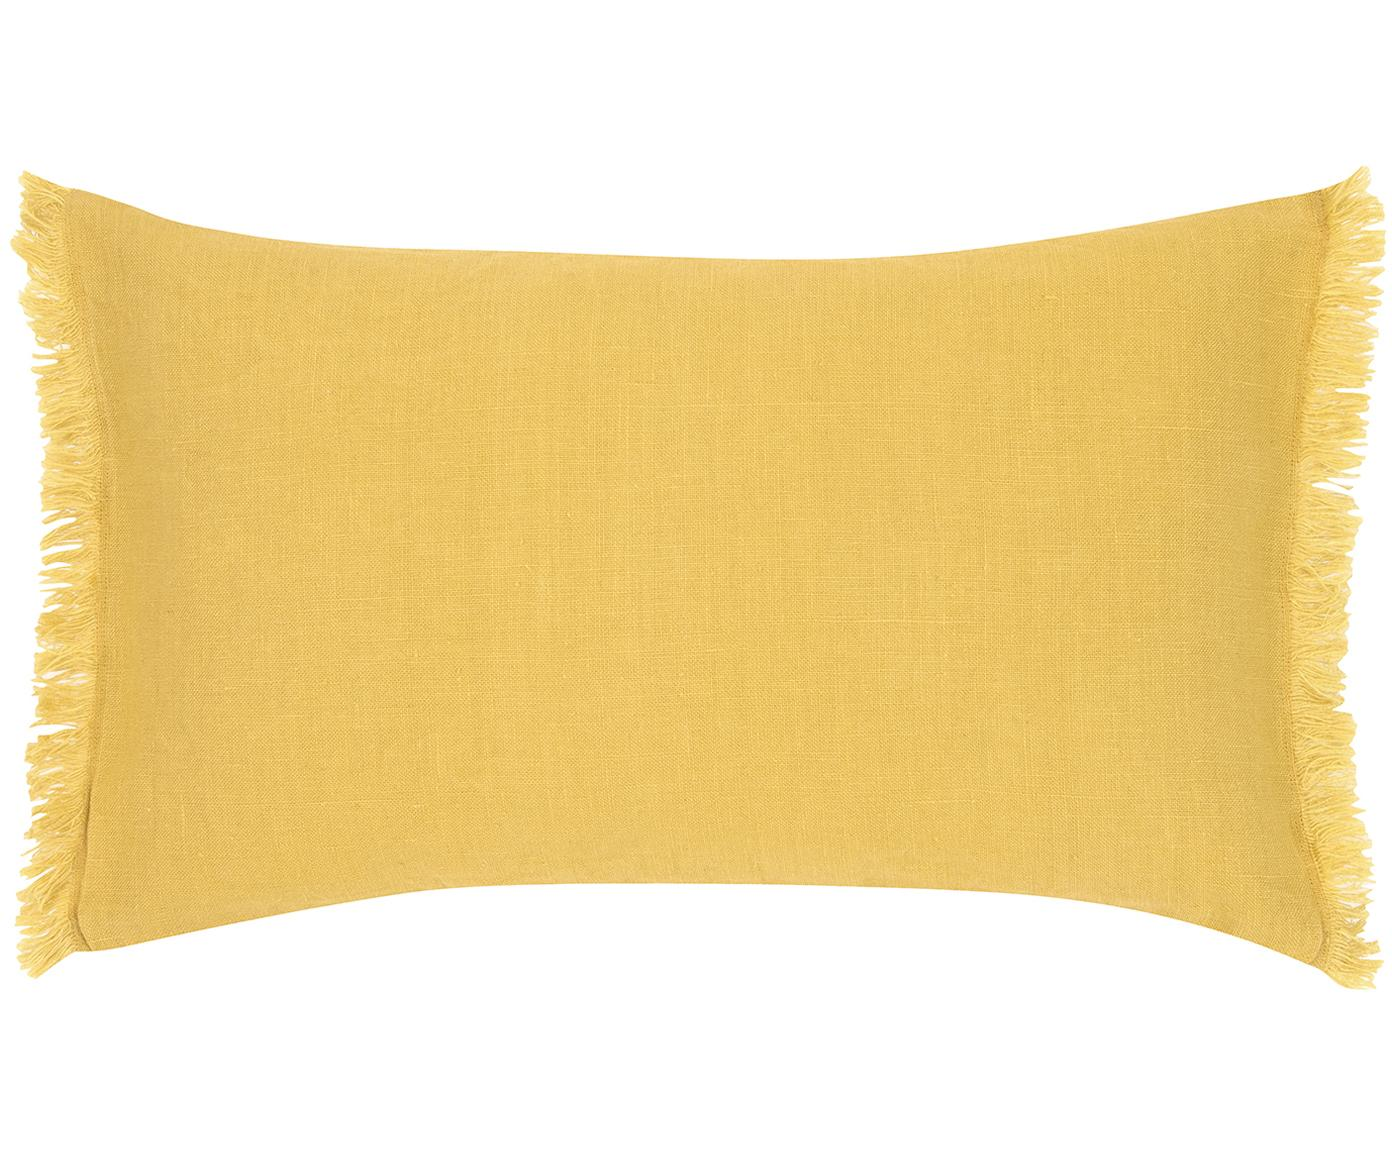 Leinen-Kissenhülle Luana mit Fransen, 100% Leinen, Gelb, 30 x 50 cm